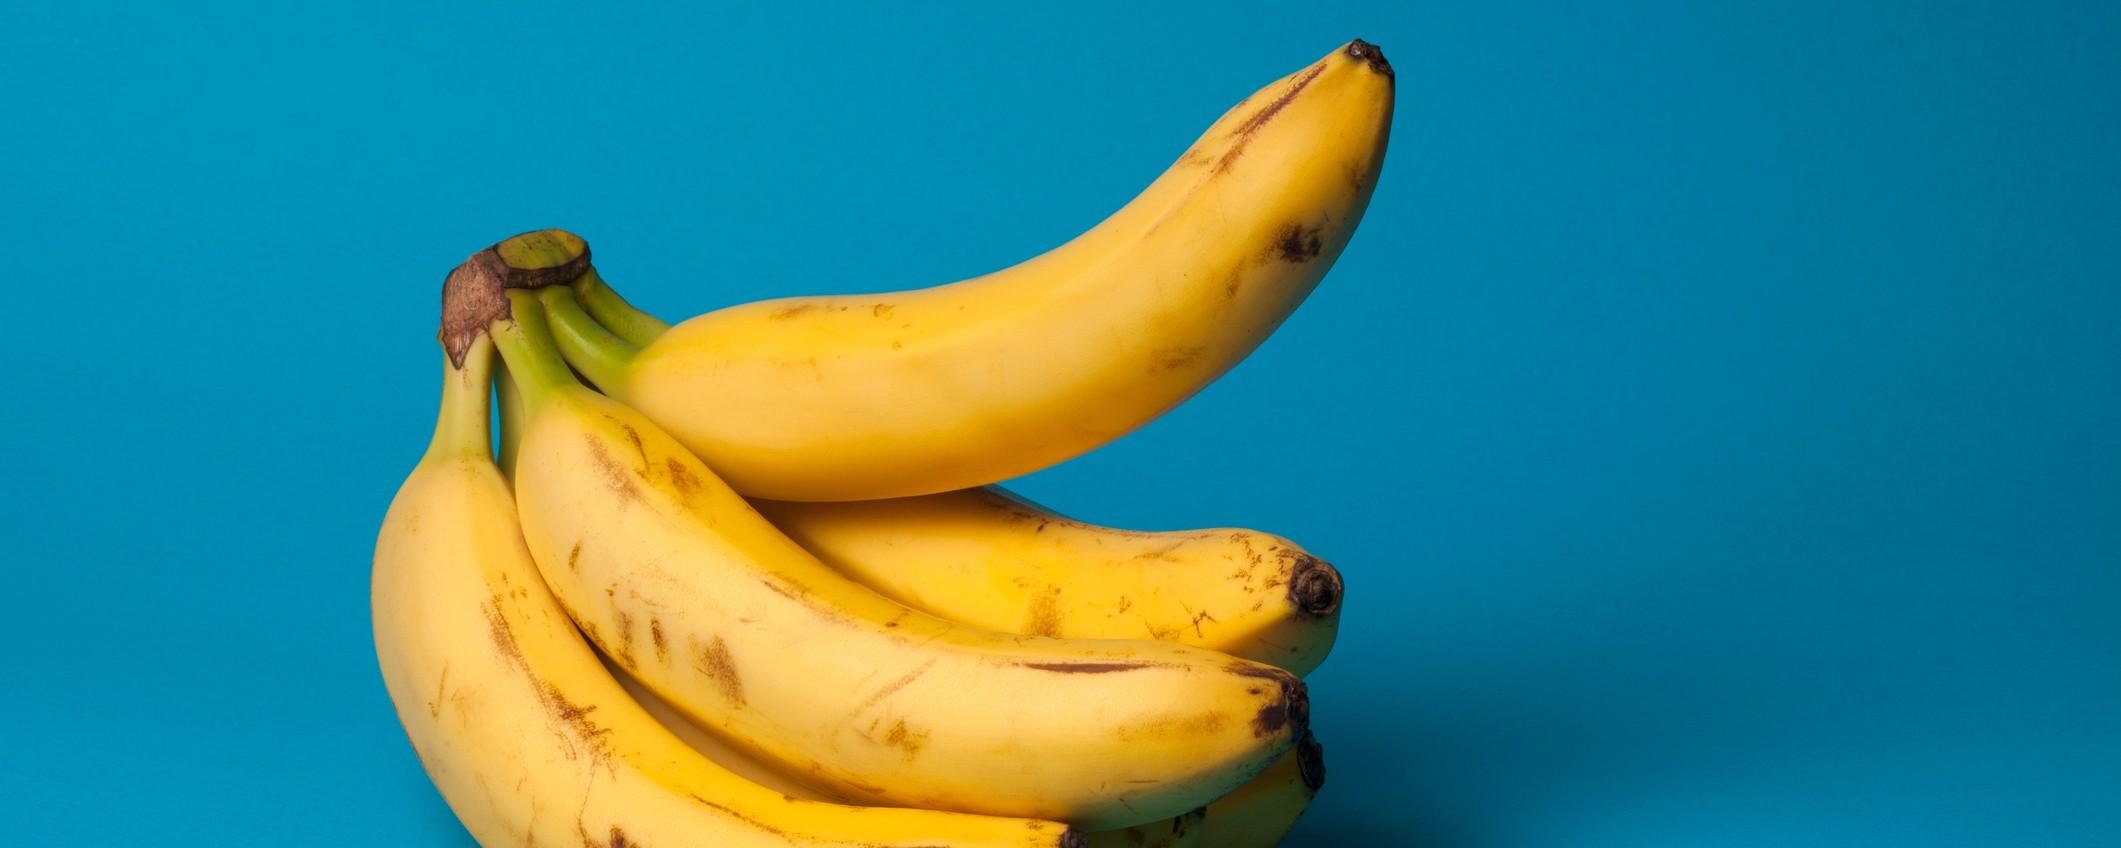 penisul lui miti fomin ce este necesar pentru ca penisul să dureze mai mult